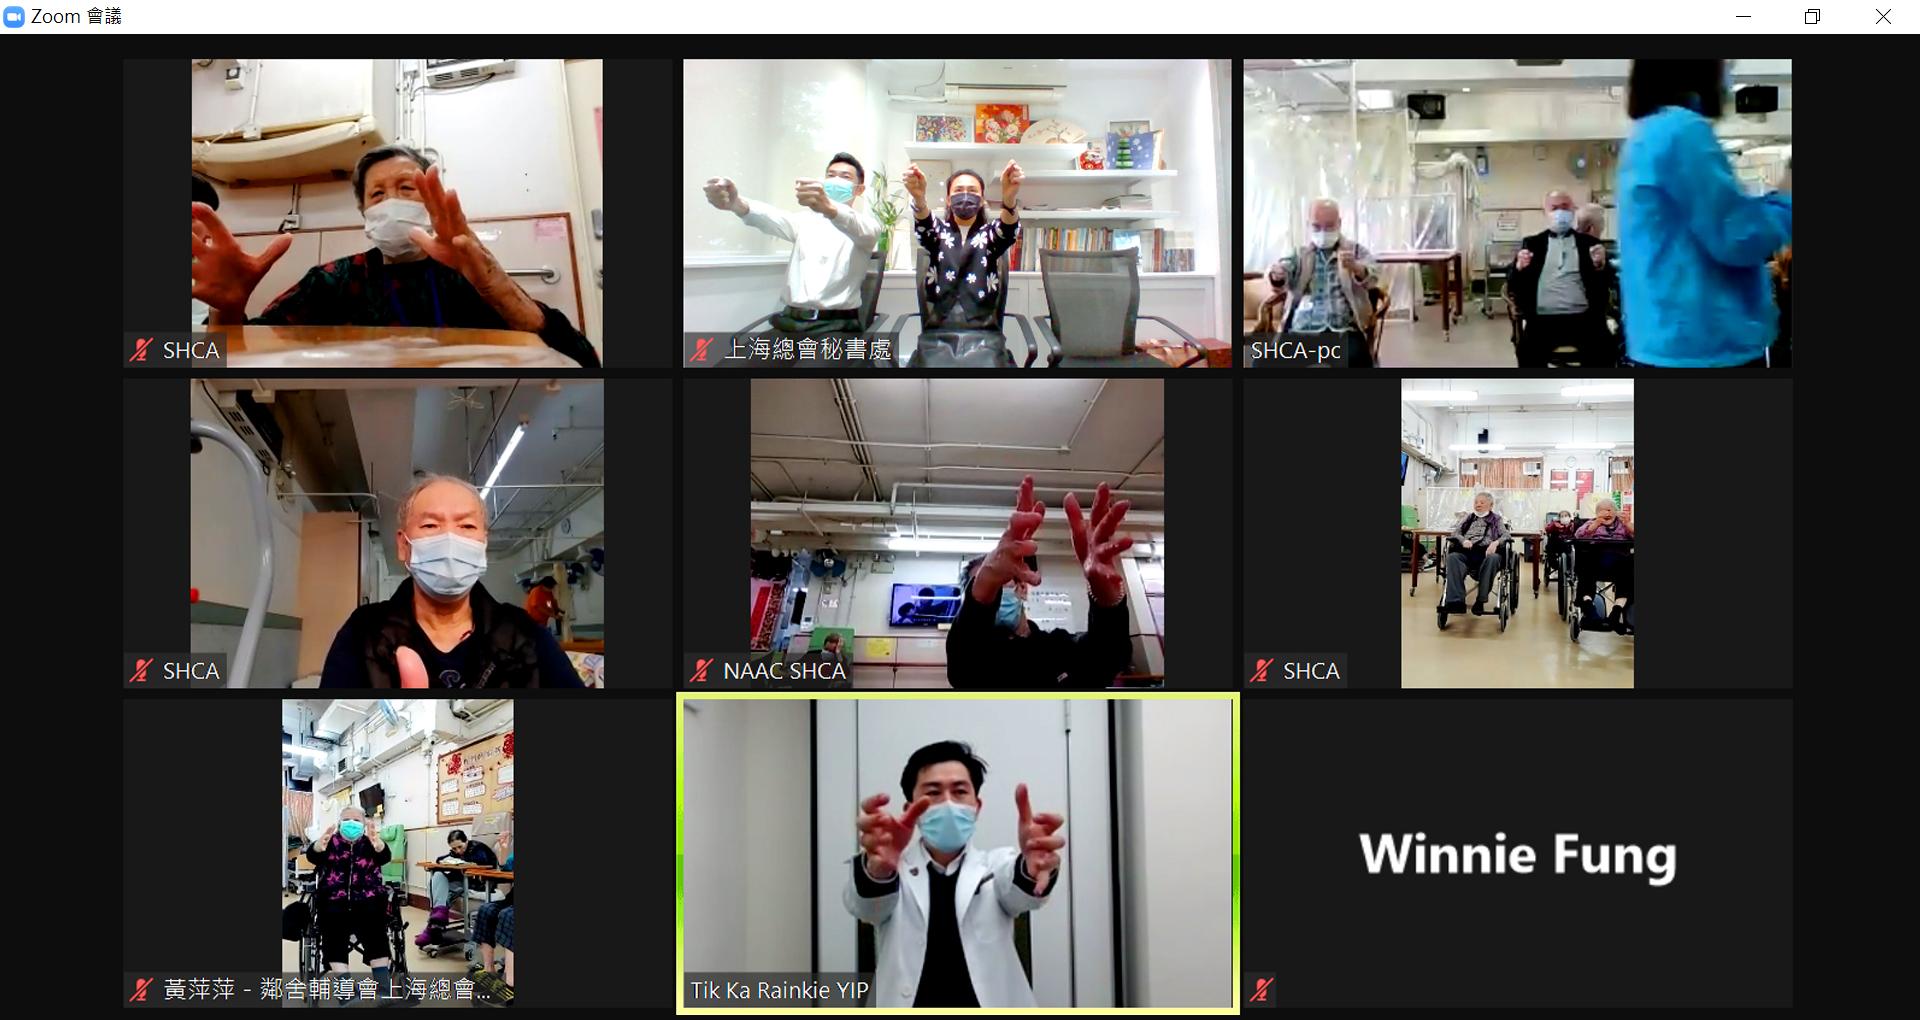 上海總會網上「齊齊做春季健身運動」講座